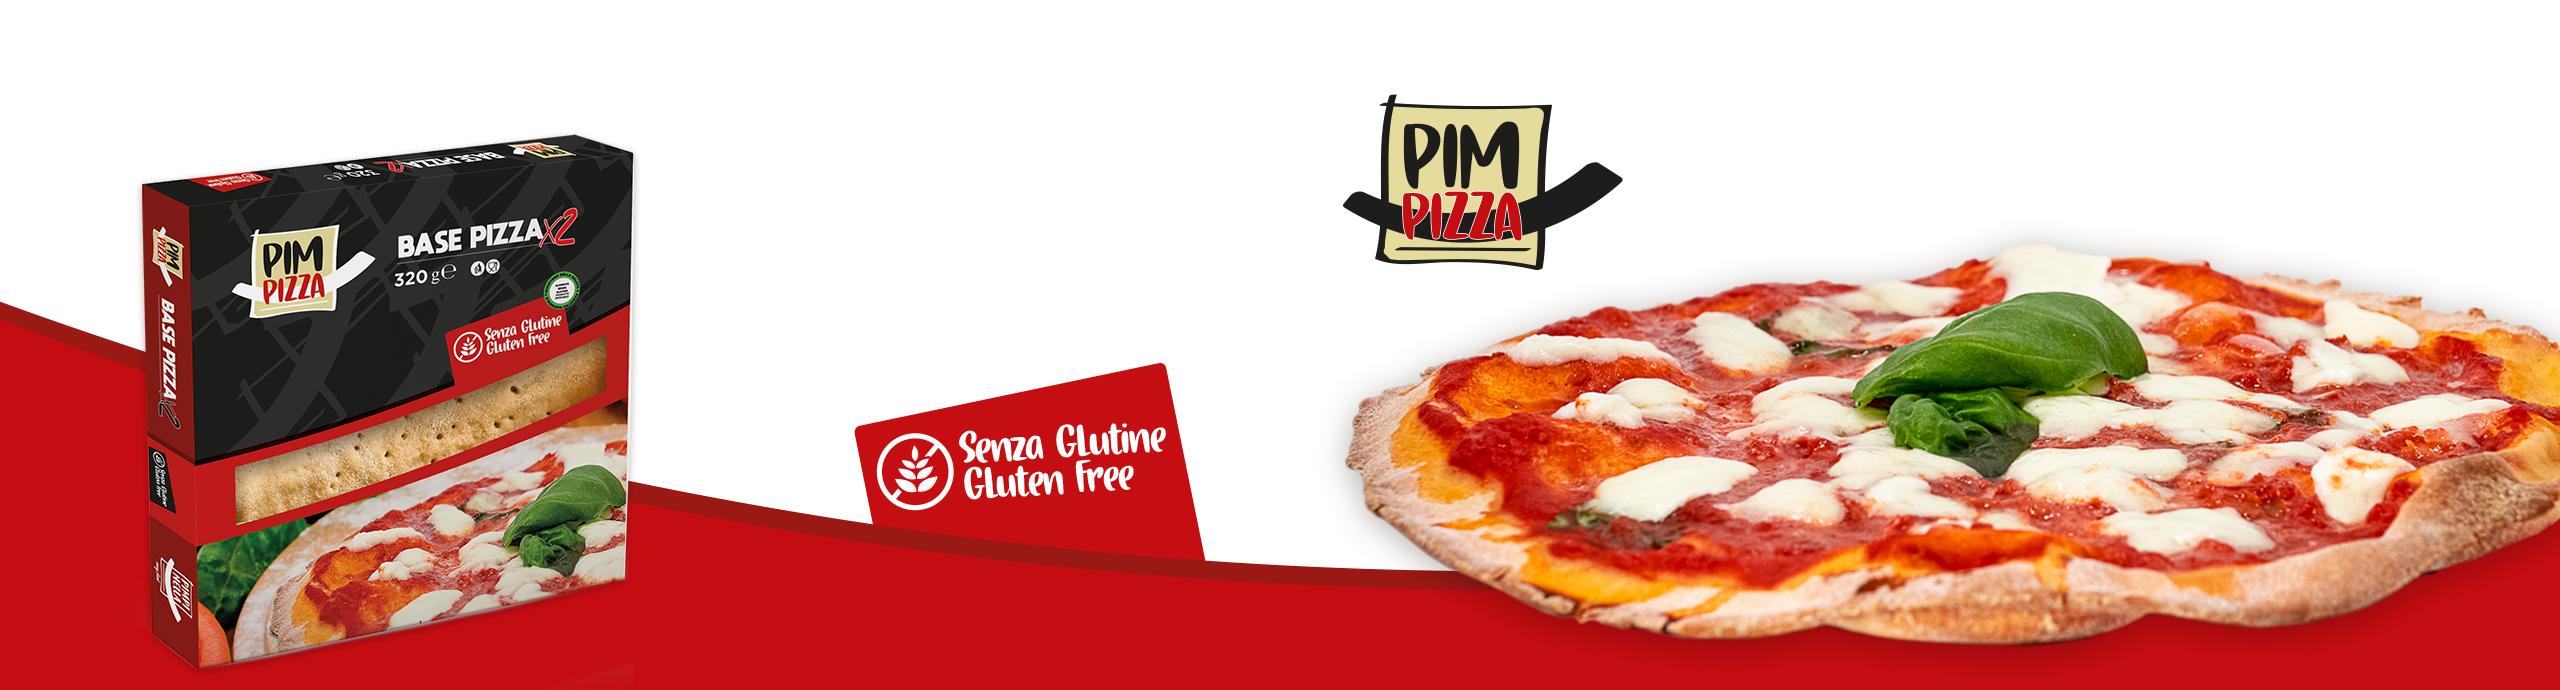 pizza_gluten_free_pimpizza